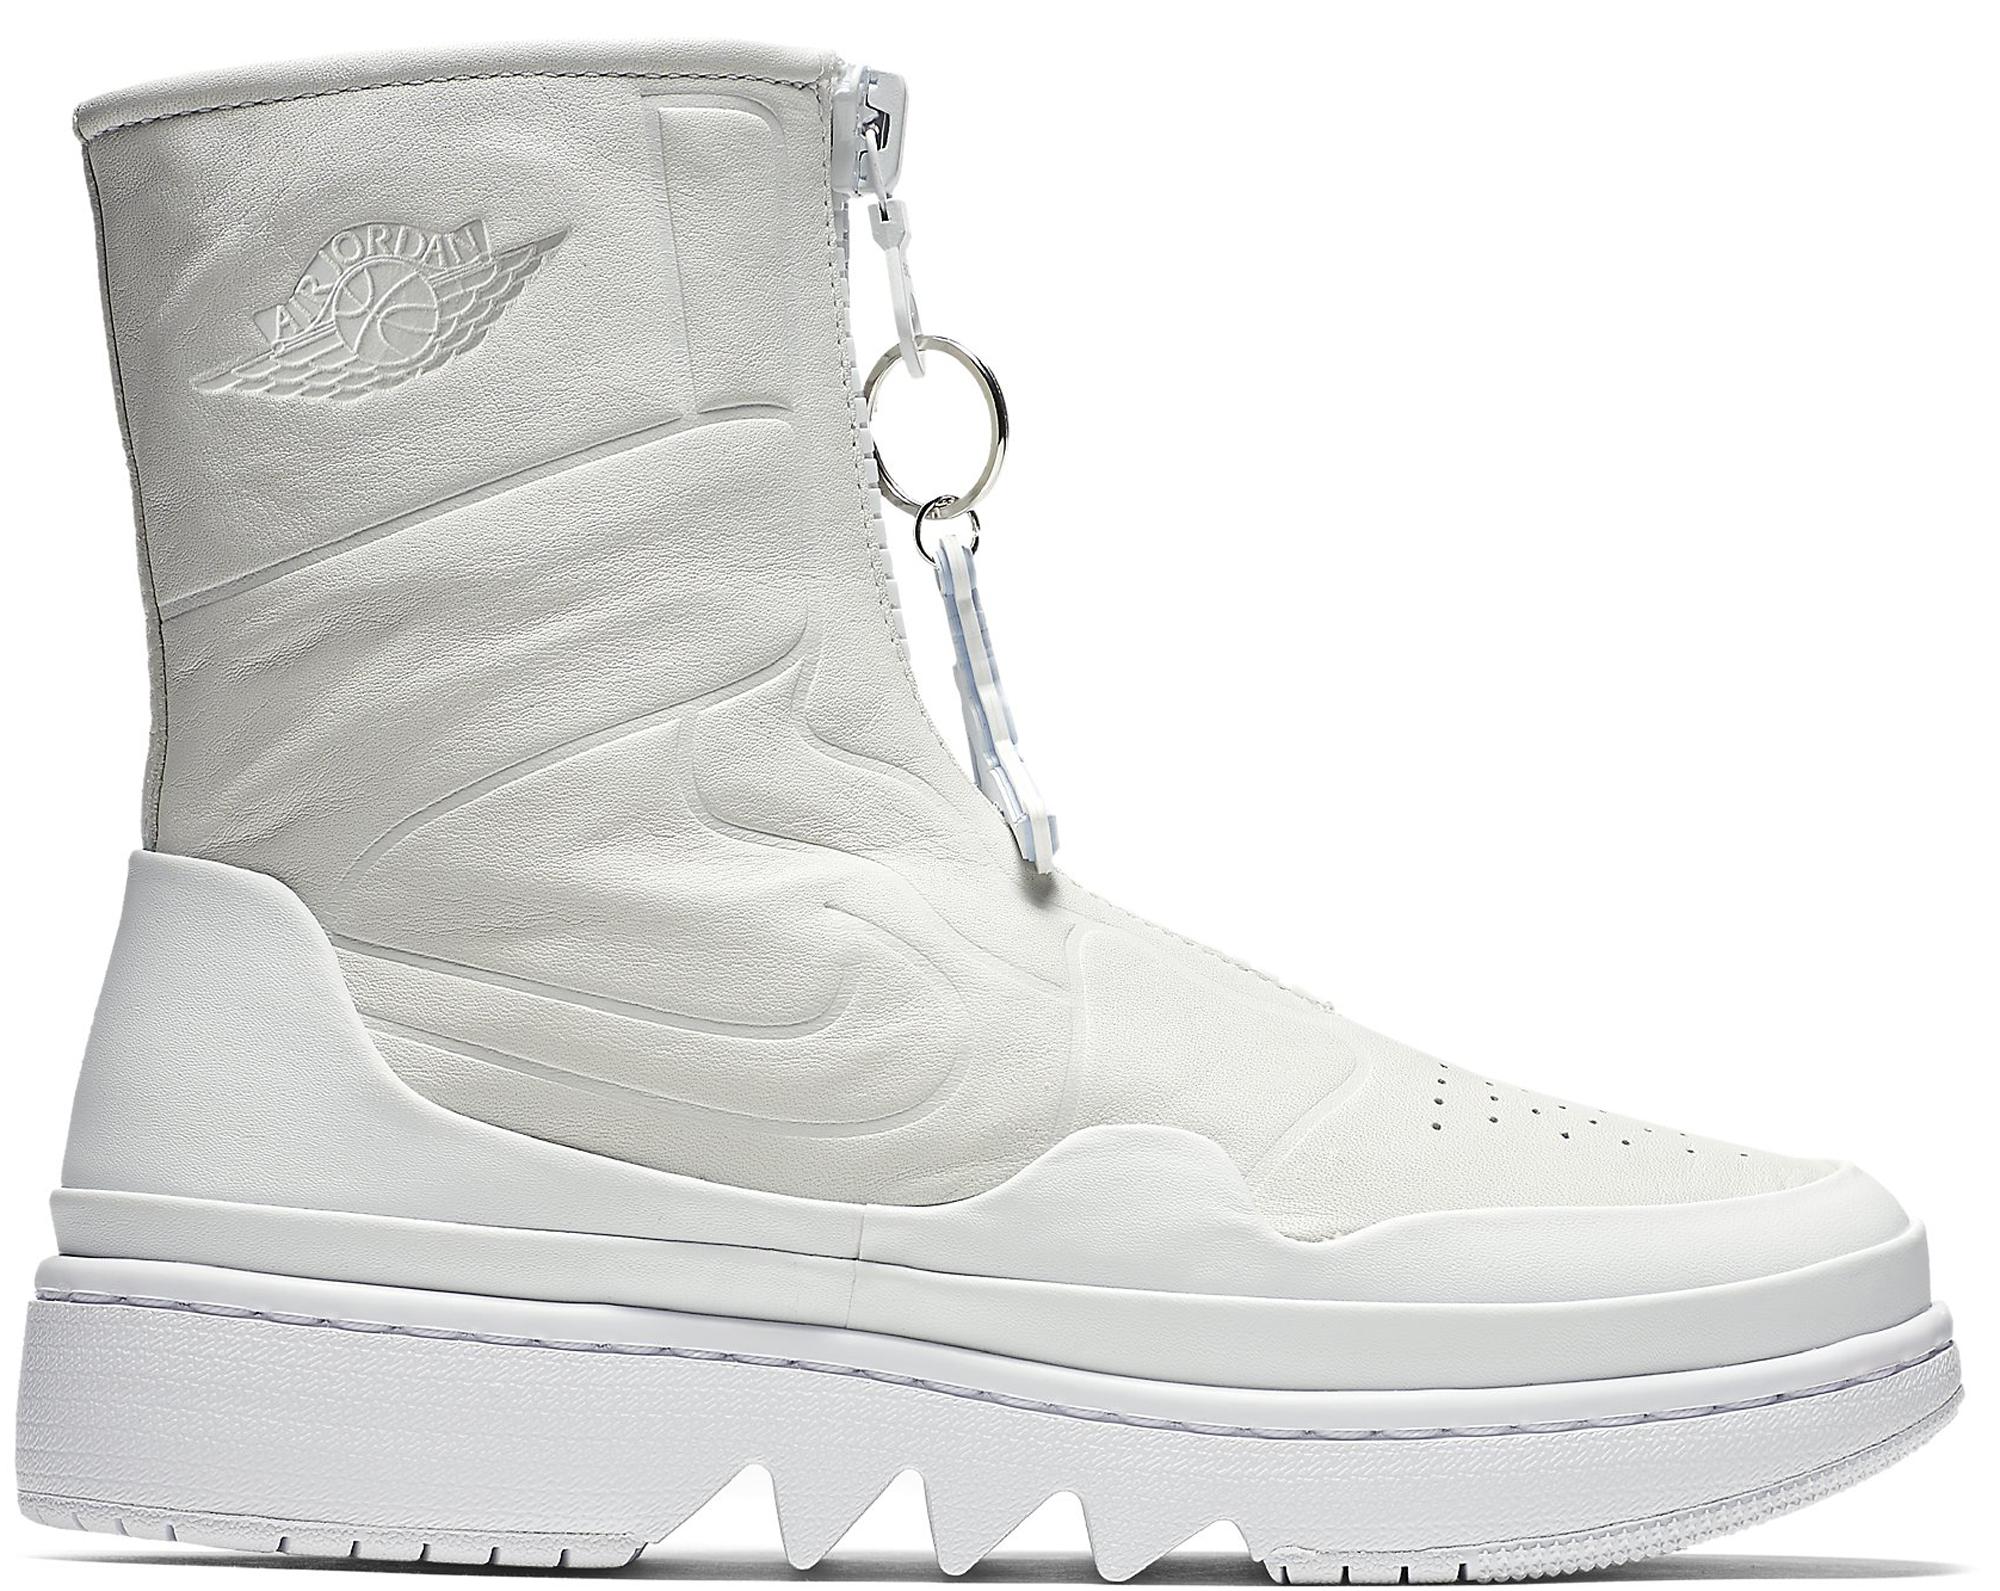 Jordan 1 Jester XX Off White (W